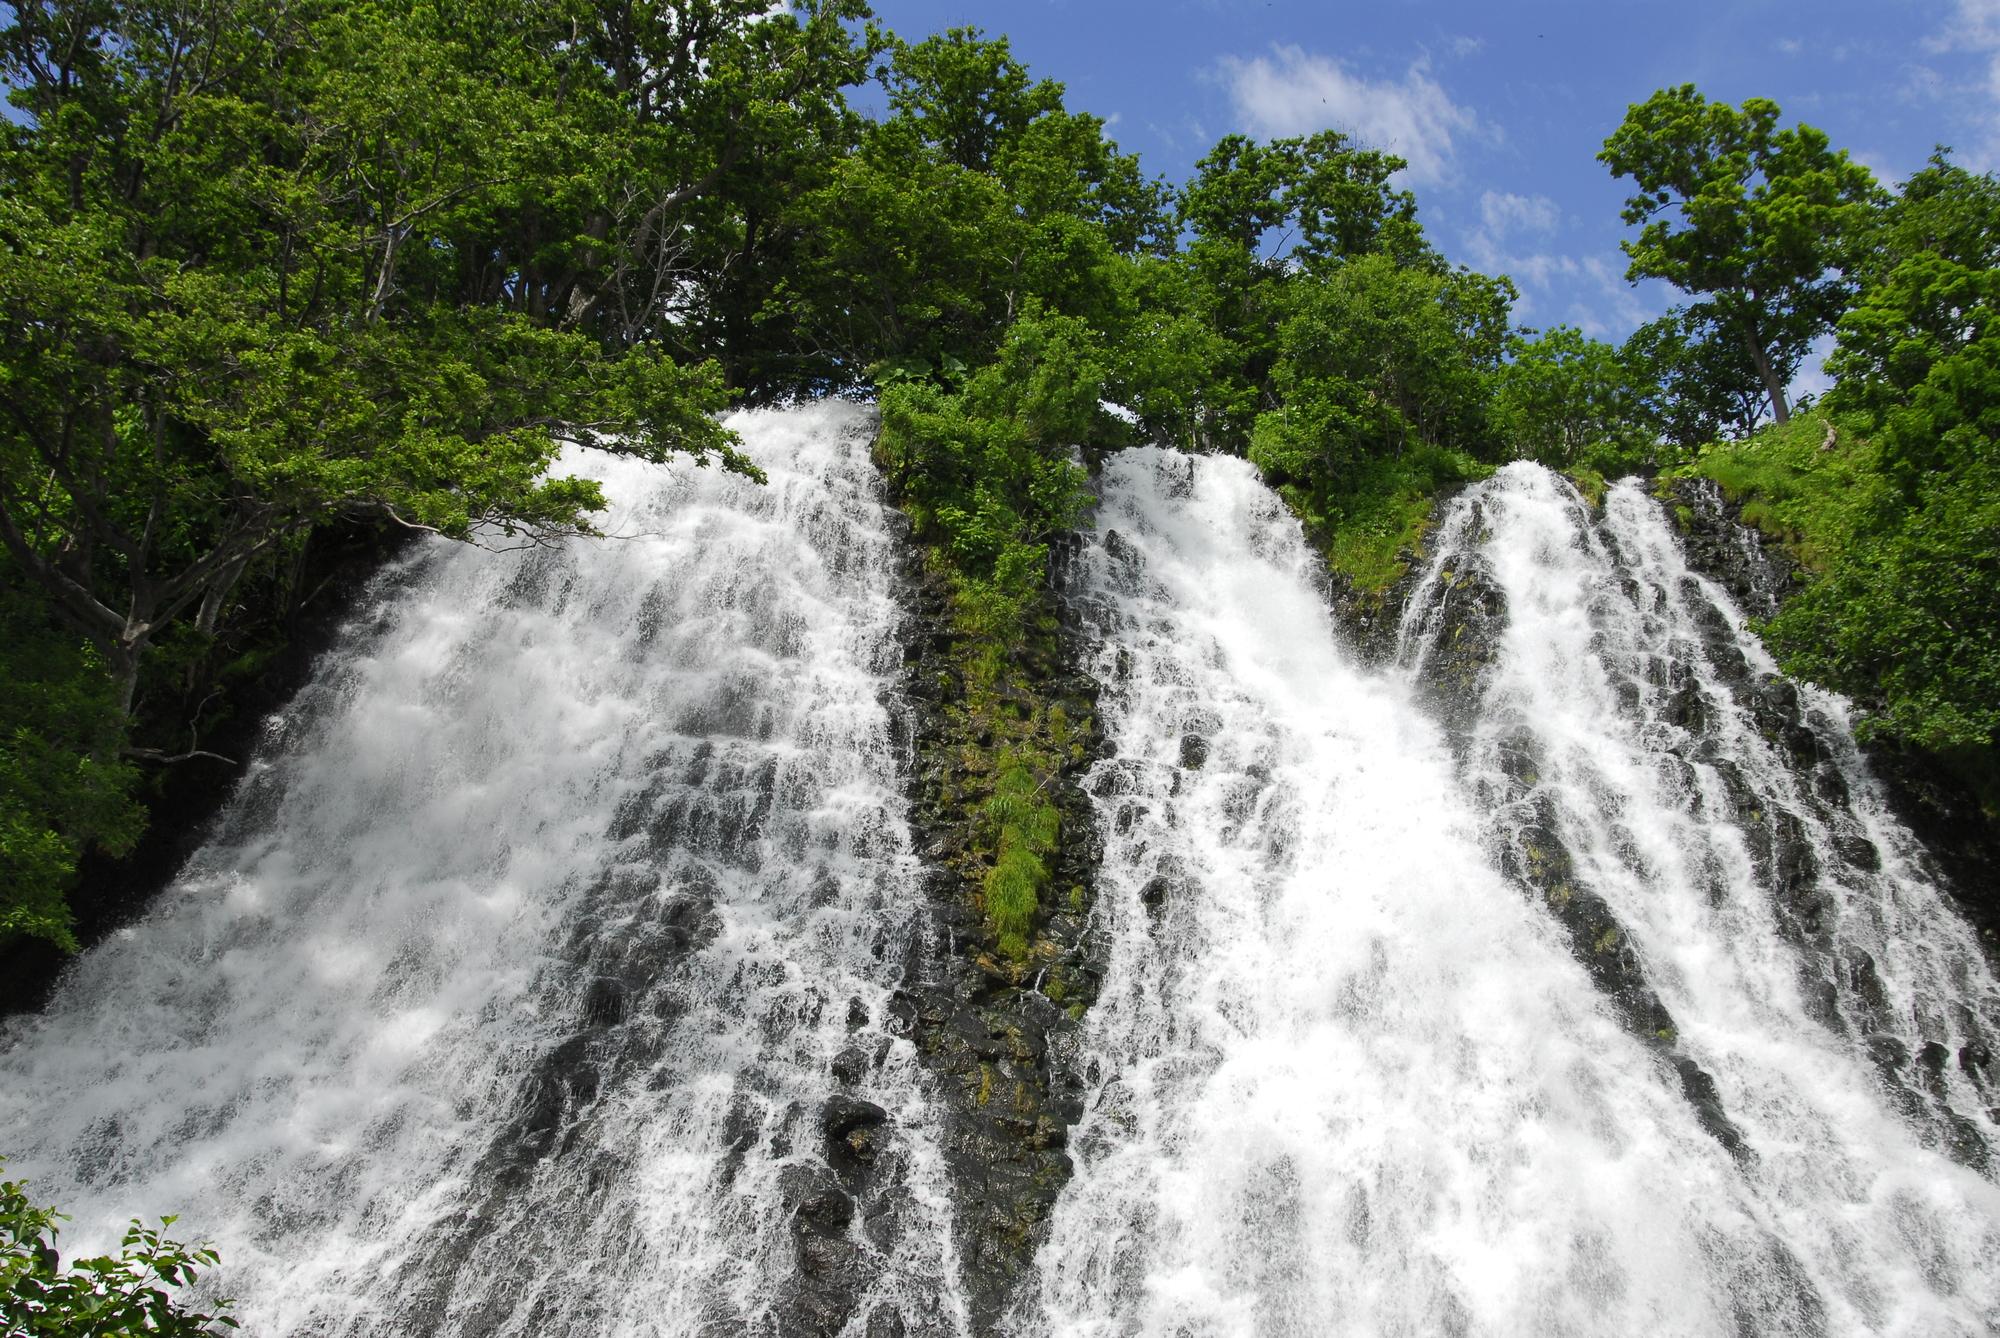 オシンコシンの滝(オシンコシンのたき)